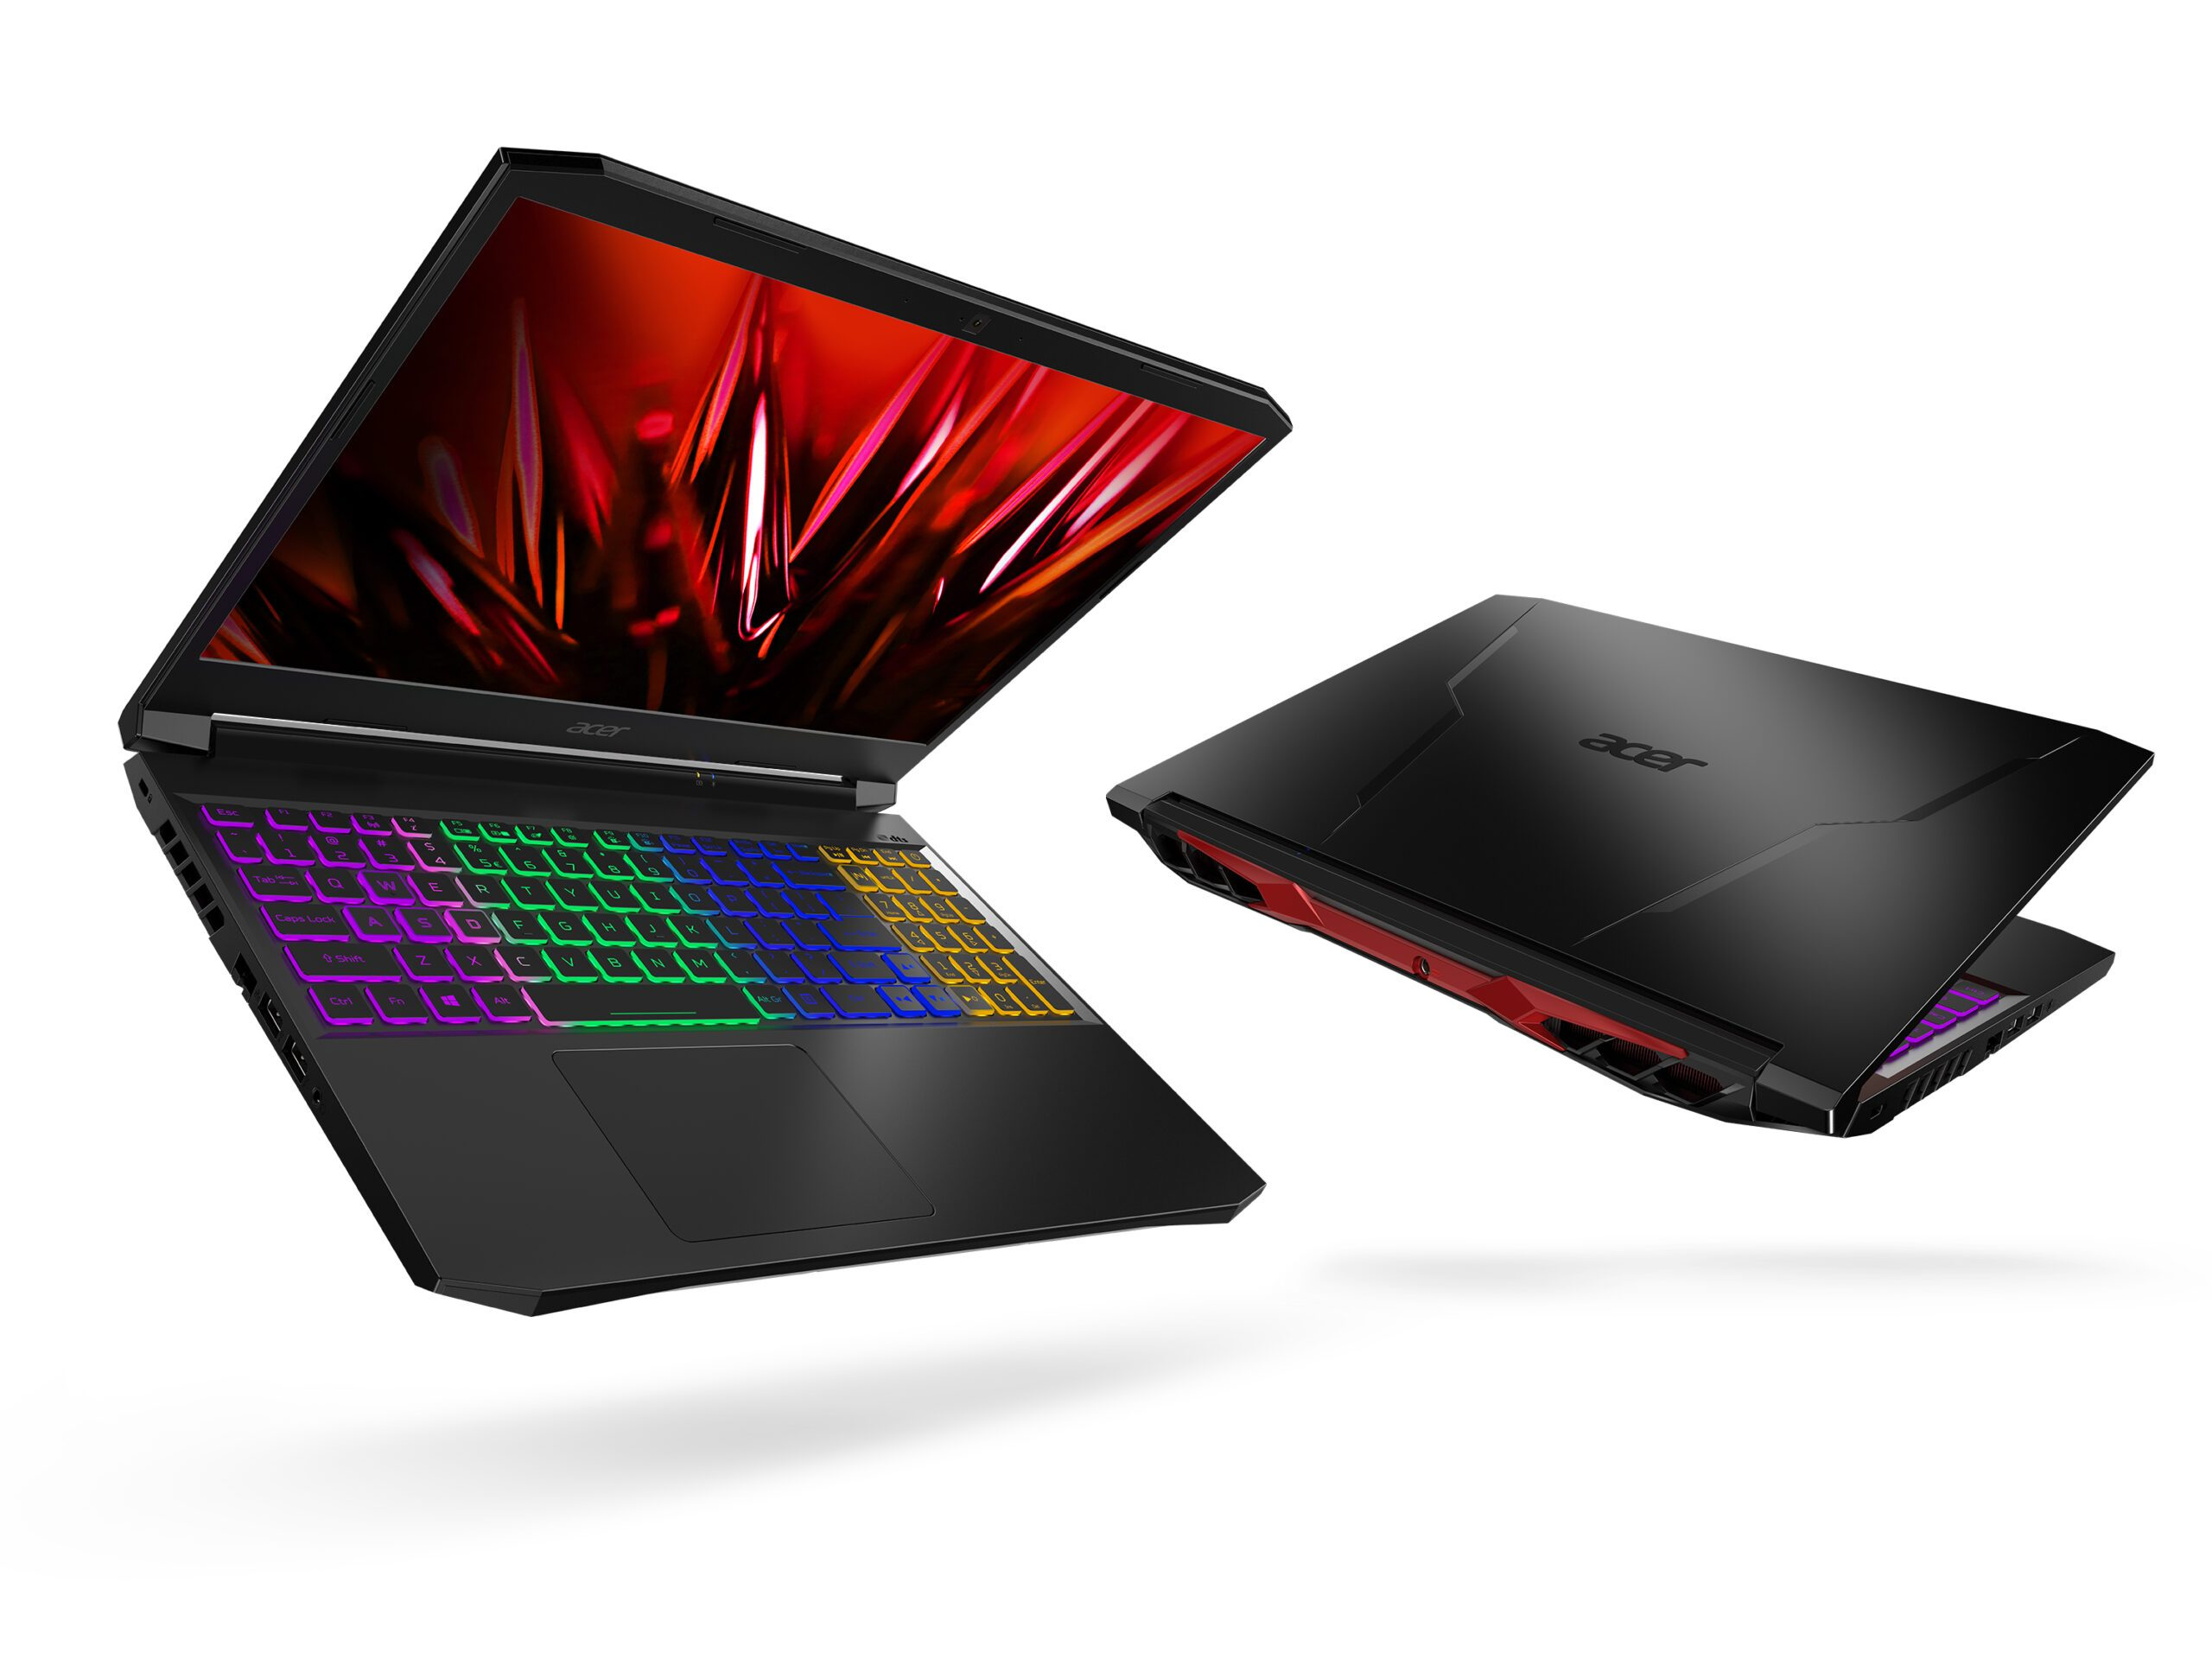 Acer ra mắt laptop gaming Predator Triton, Helios và Acer Nitro 5 đã nâng cấp